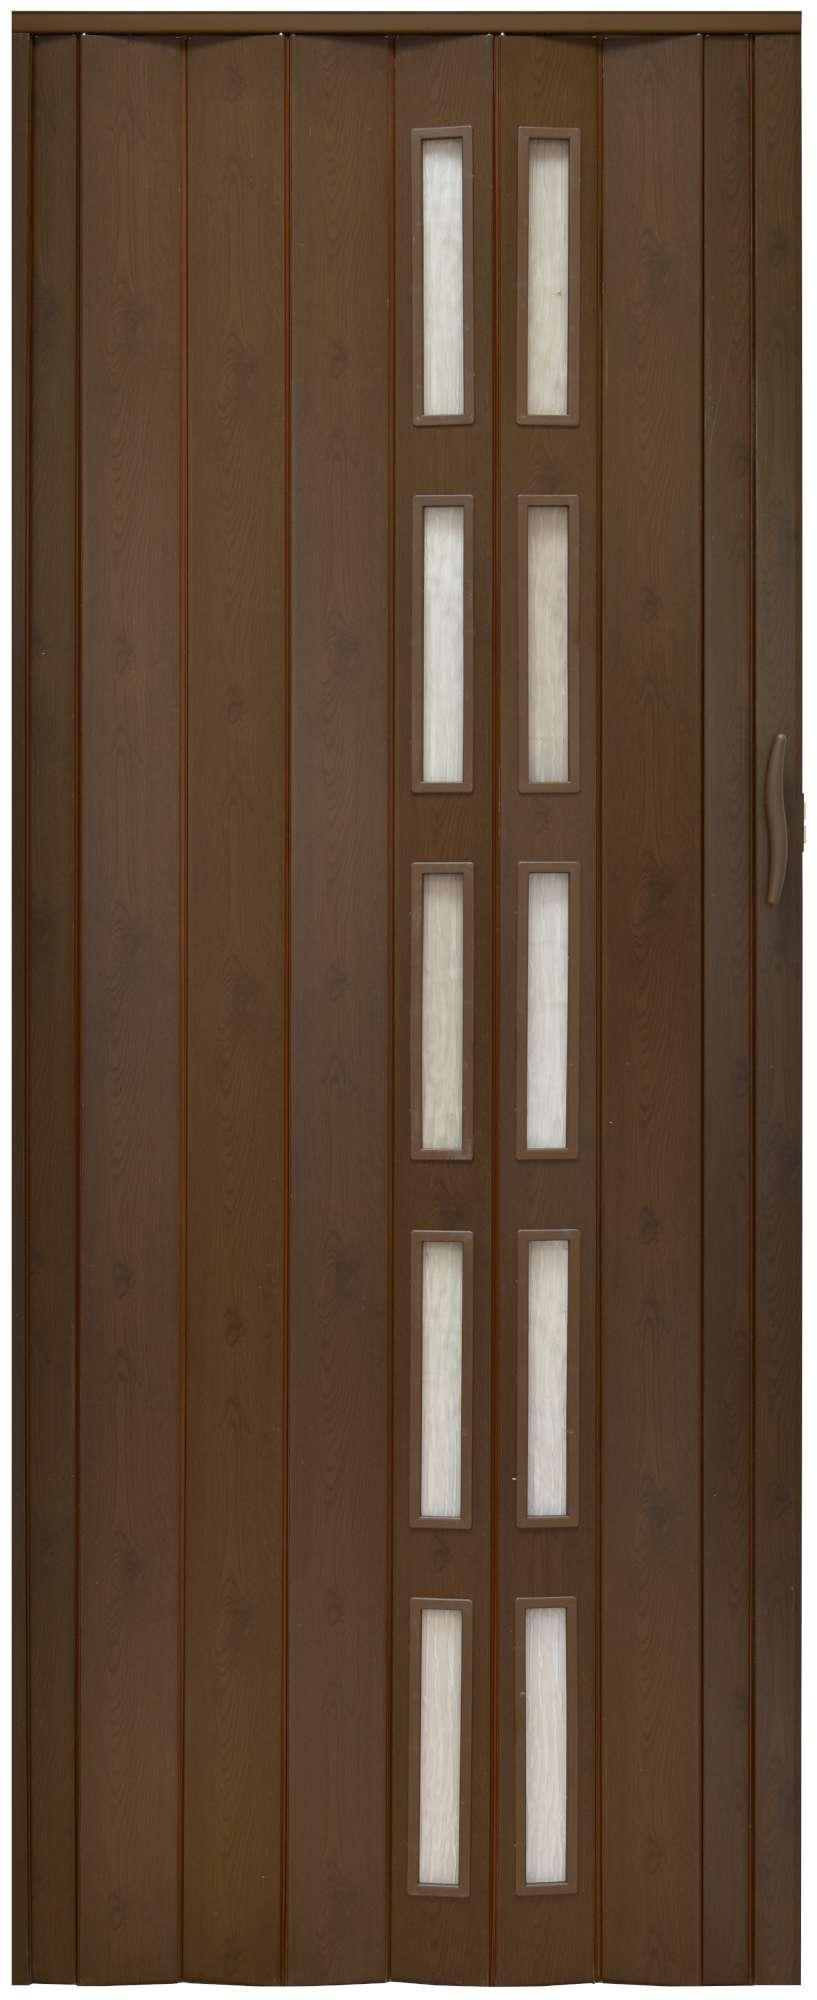 Drzwi Harmonijkowe Z Szybkami 005s 80 Cm Przesuwne 6684067500 Allegro Pl